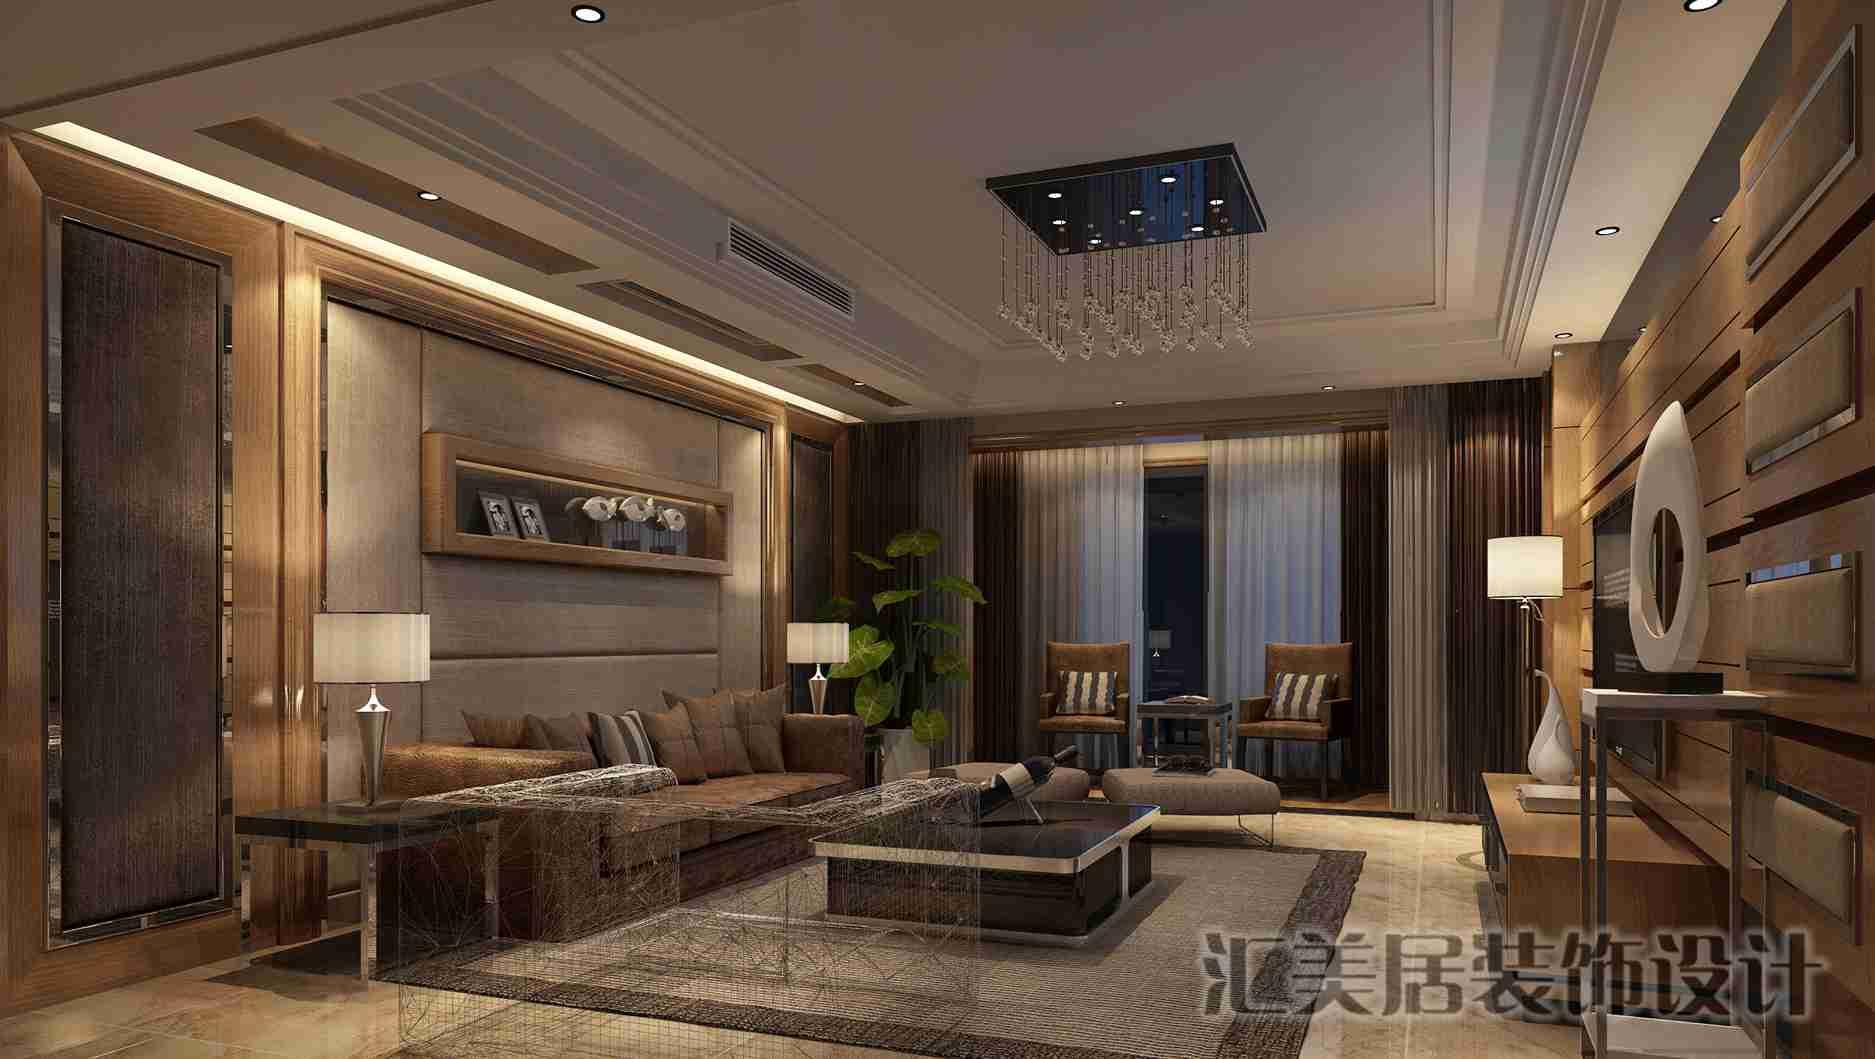 深圳別墅裝修裝飾設計效果圖